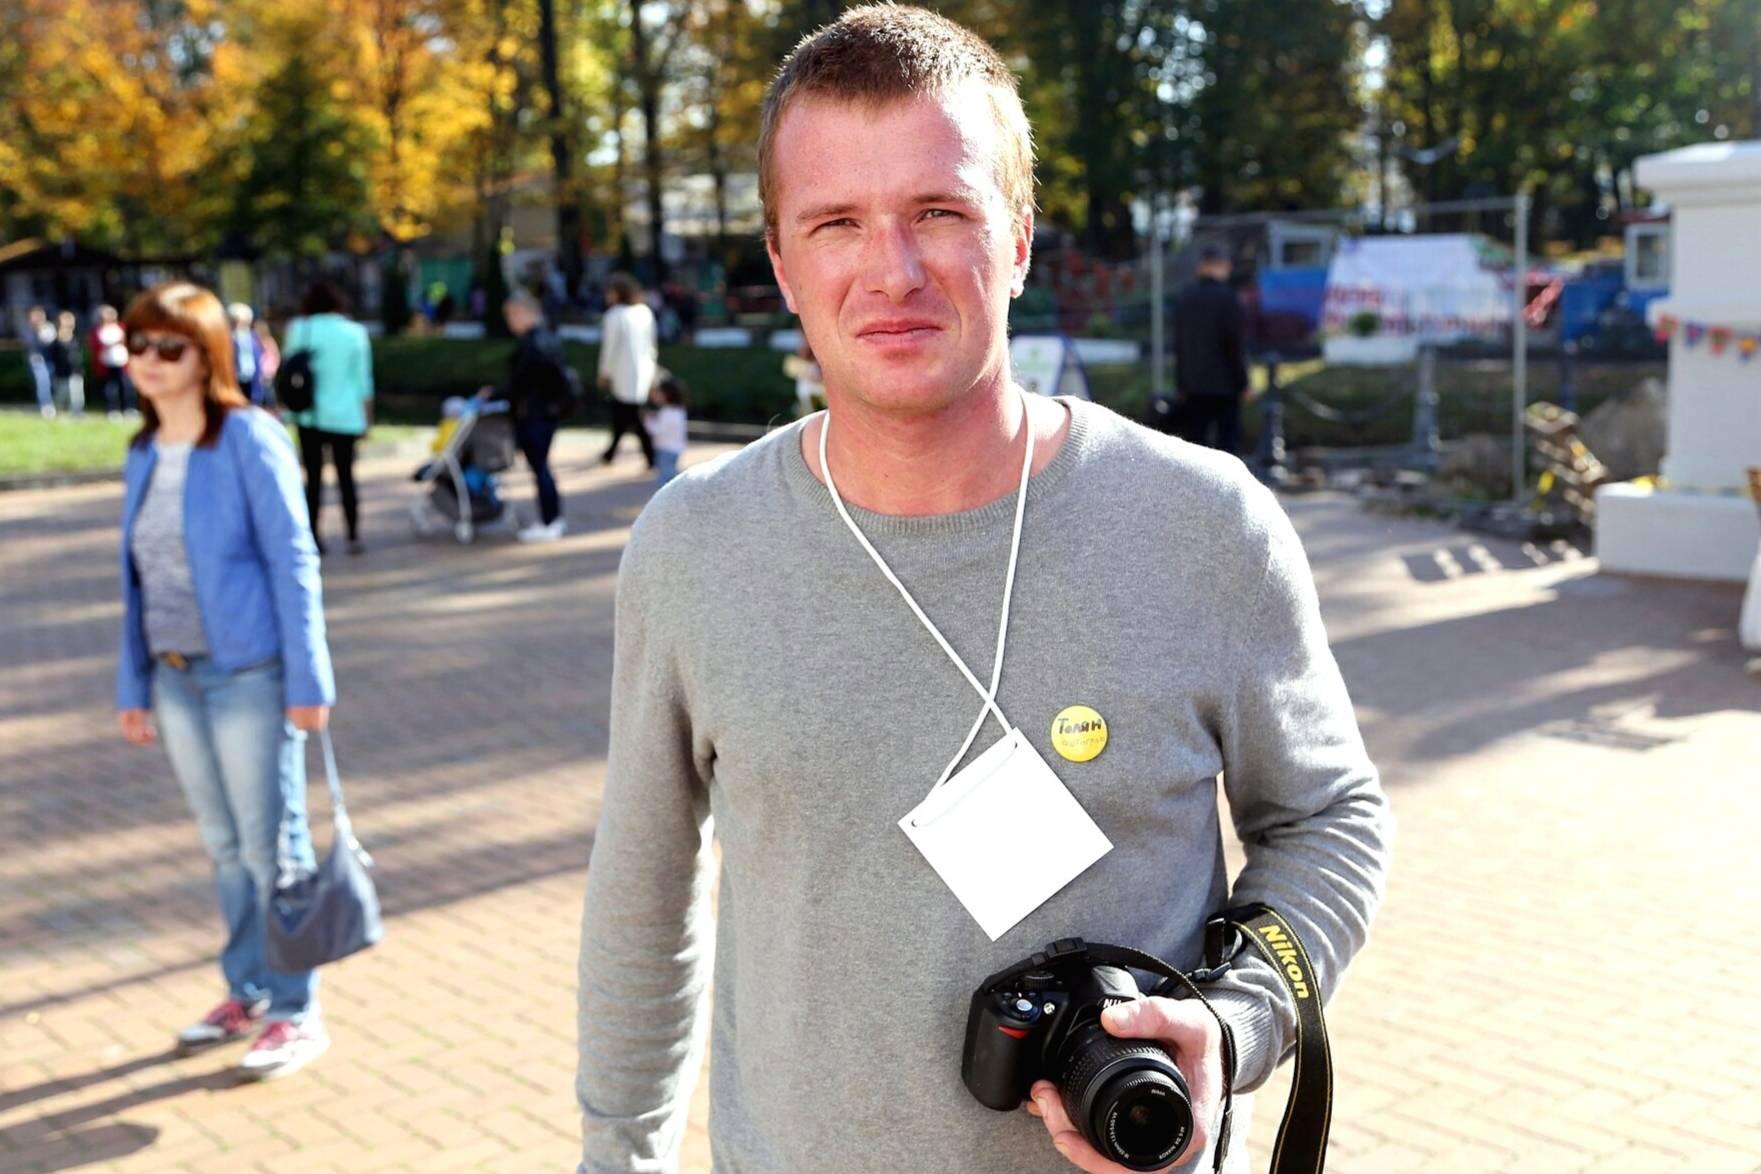 В Калининграде фотограф-волонтёр четыре года насиловал детей, младшему из которых было всего 5 лет